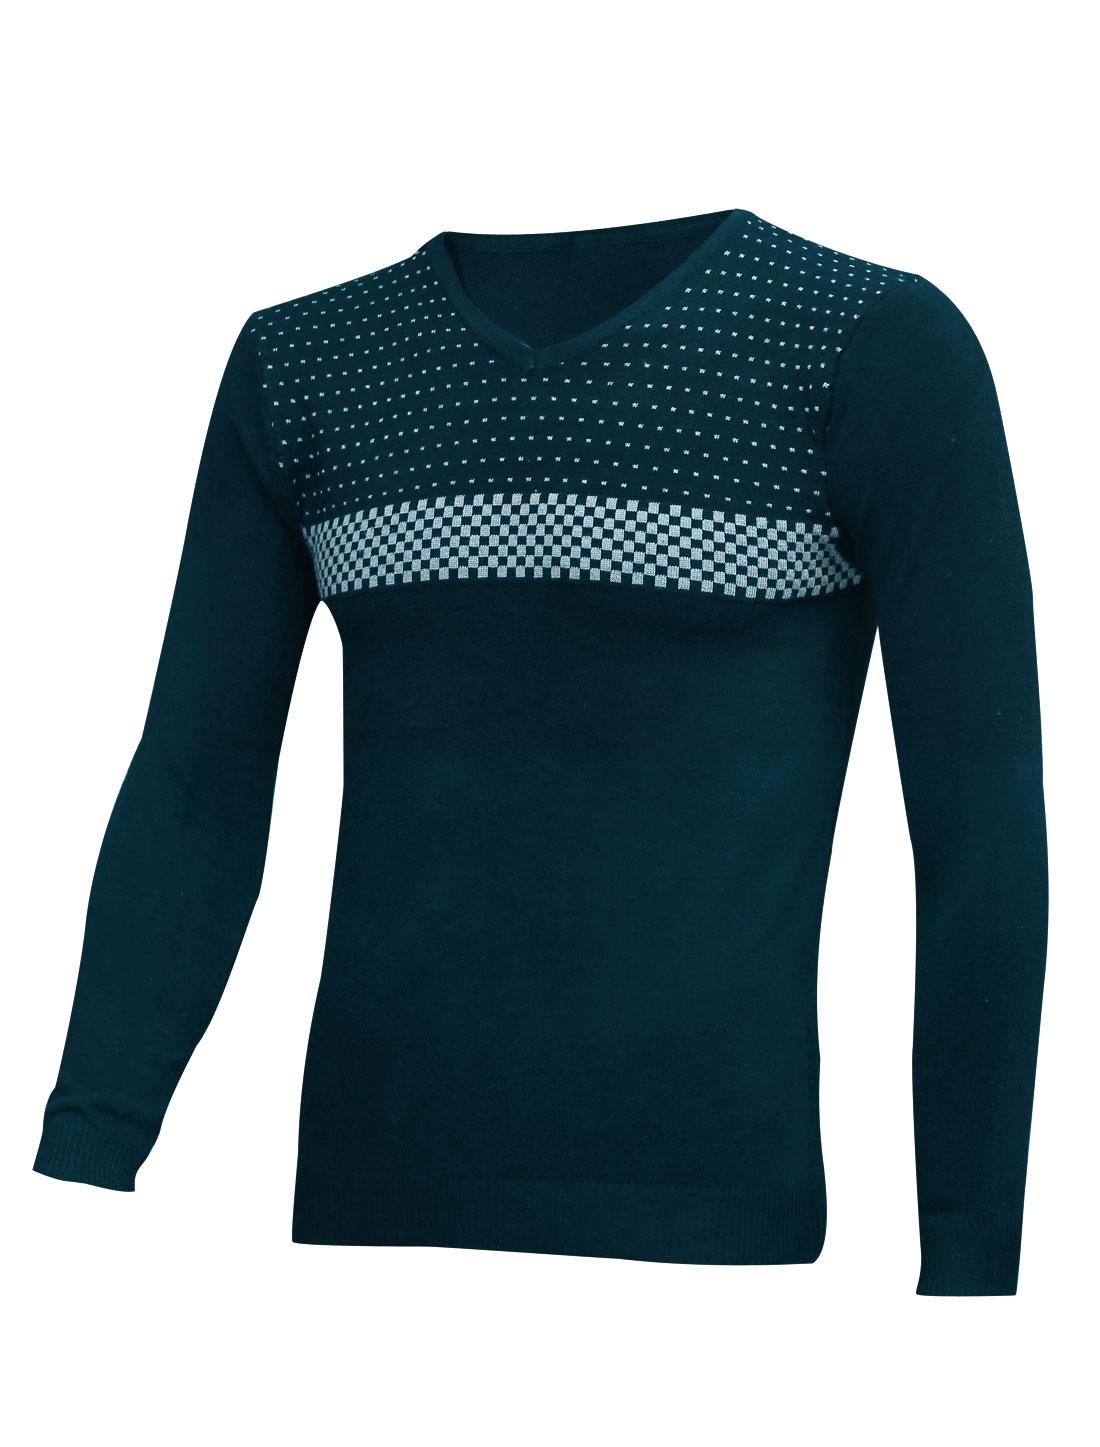 Slipover Plaids V Neck Navy Blue Knit Shirt for Men S